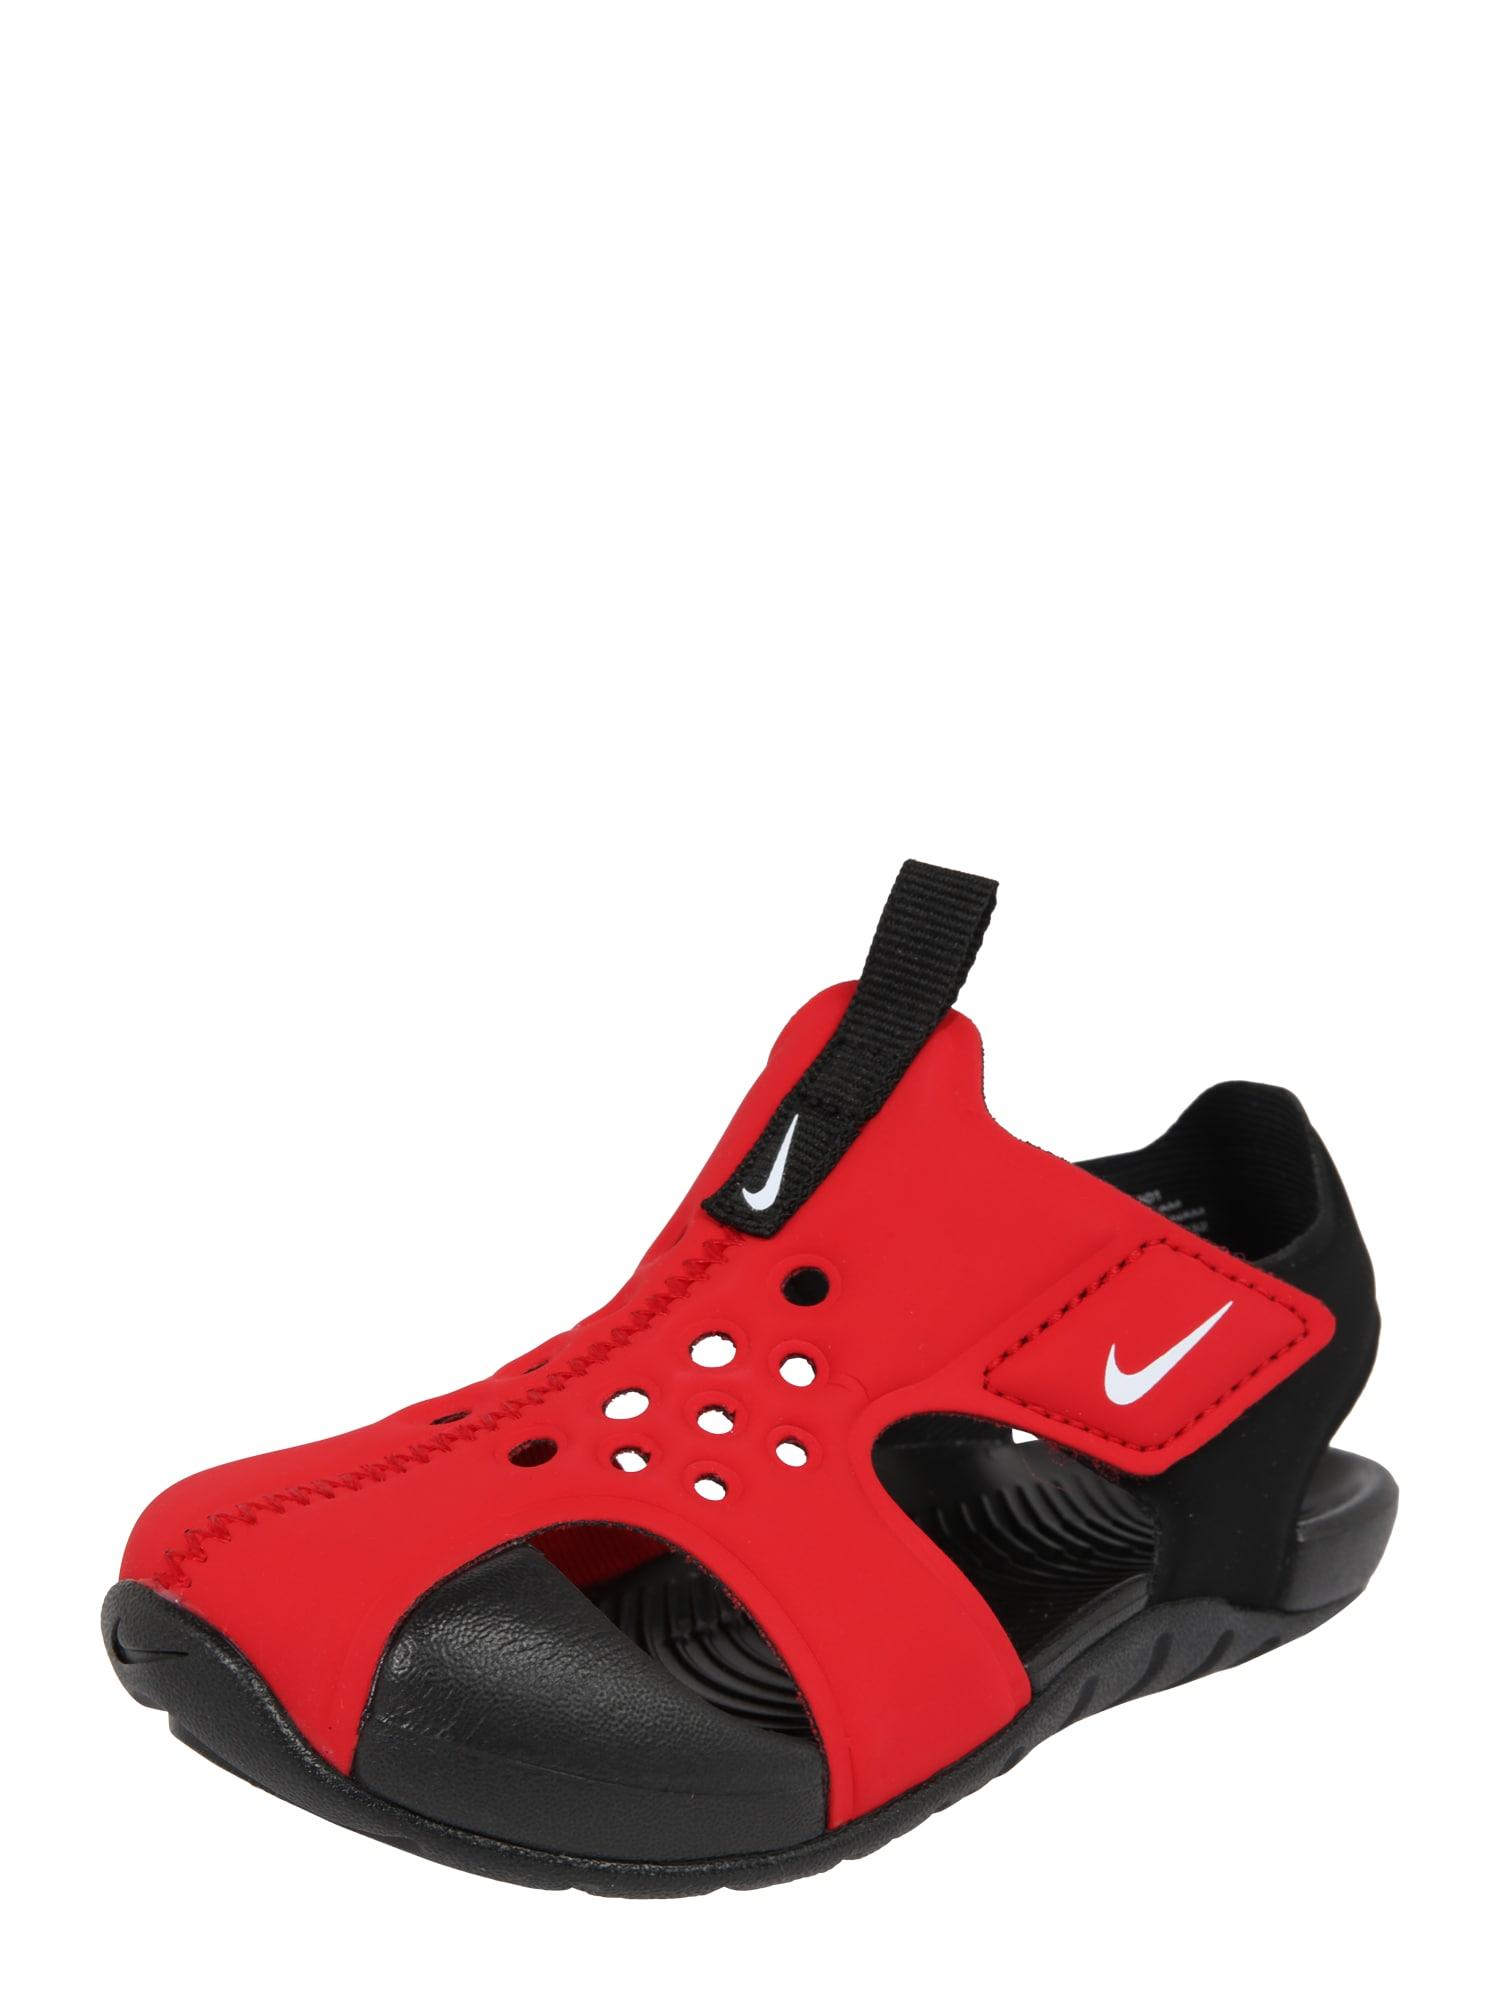 Plážovákoupací obuv Sunray Protect 2 TD červená černá Nike Sportswear